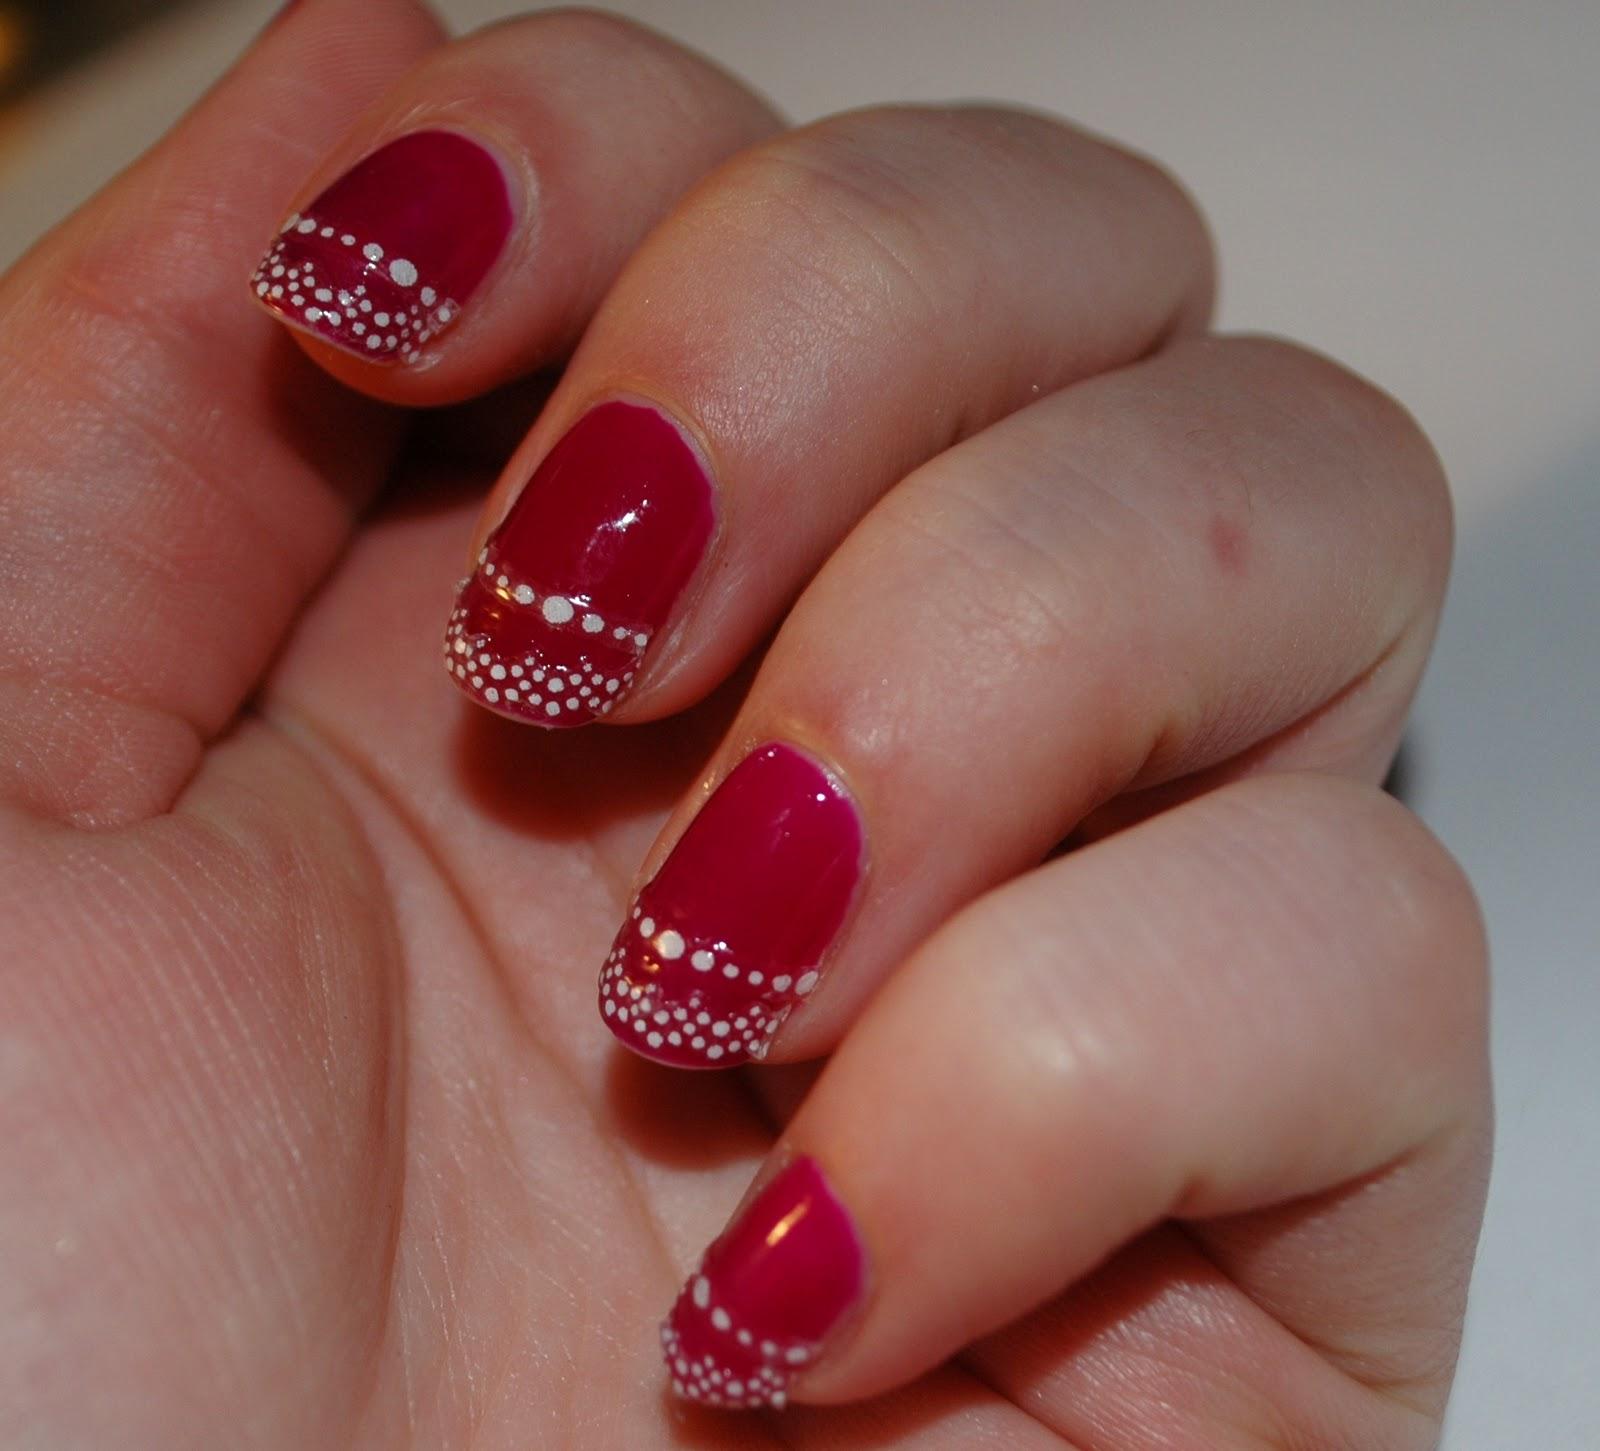 Nail art - Nailtopia.co.uk nail art stickers - fashionisaparty.com ...